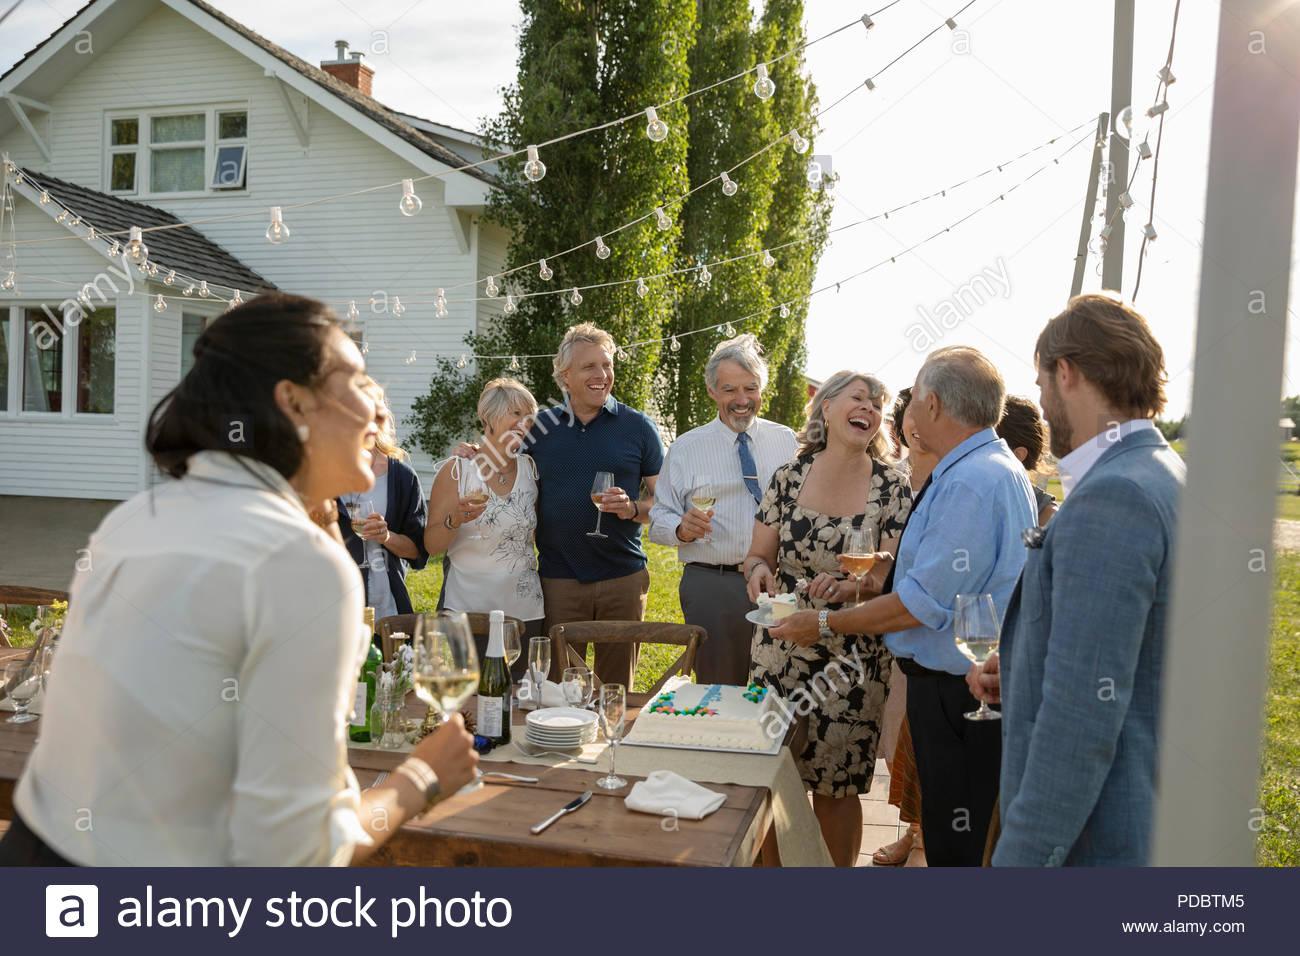 Freunde feiern, trinken Wein und Kuchen an der Jubiläumsfeier im Patio Tabelle Stockbild